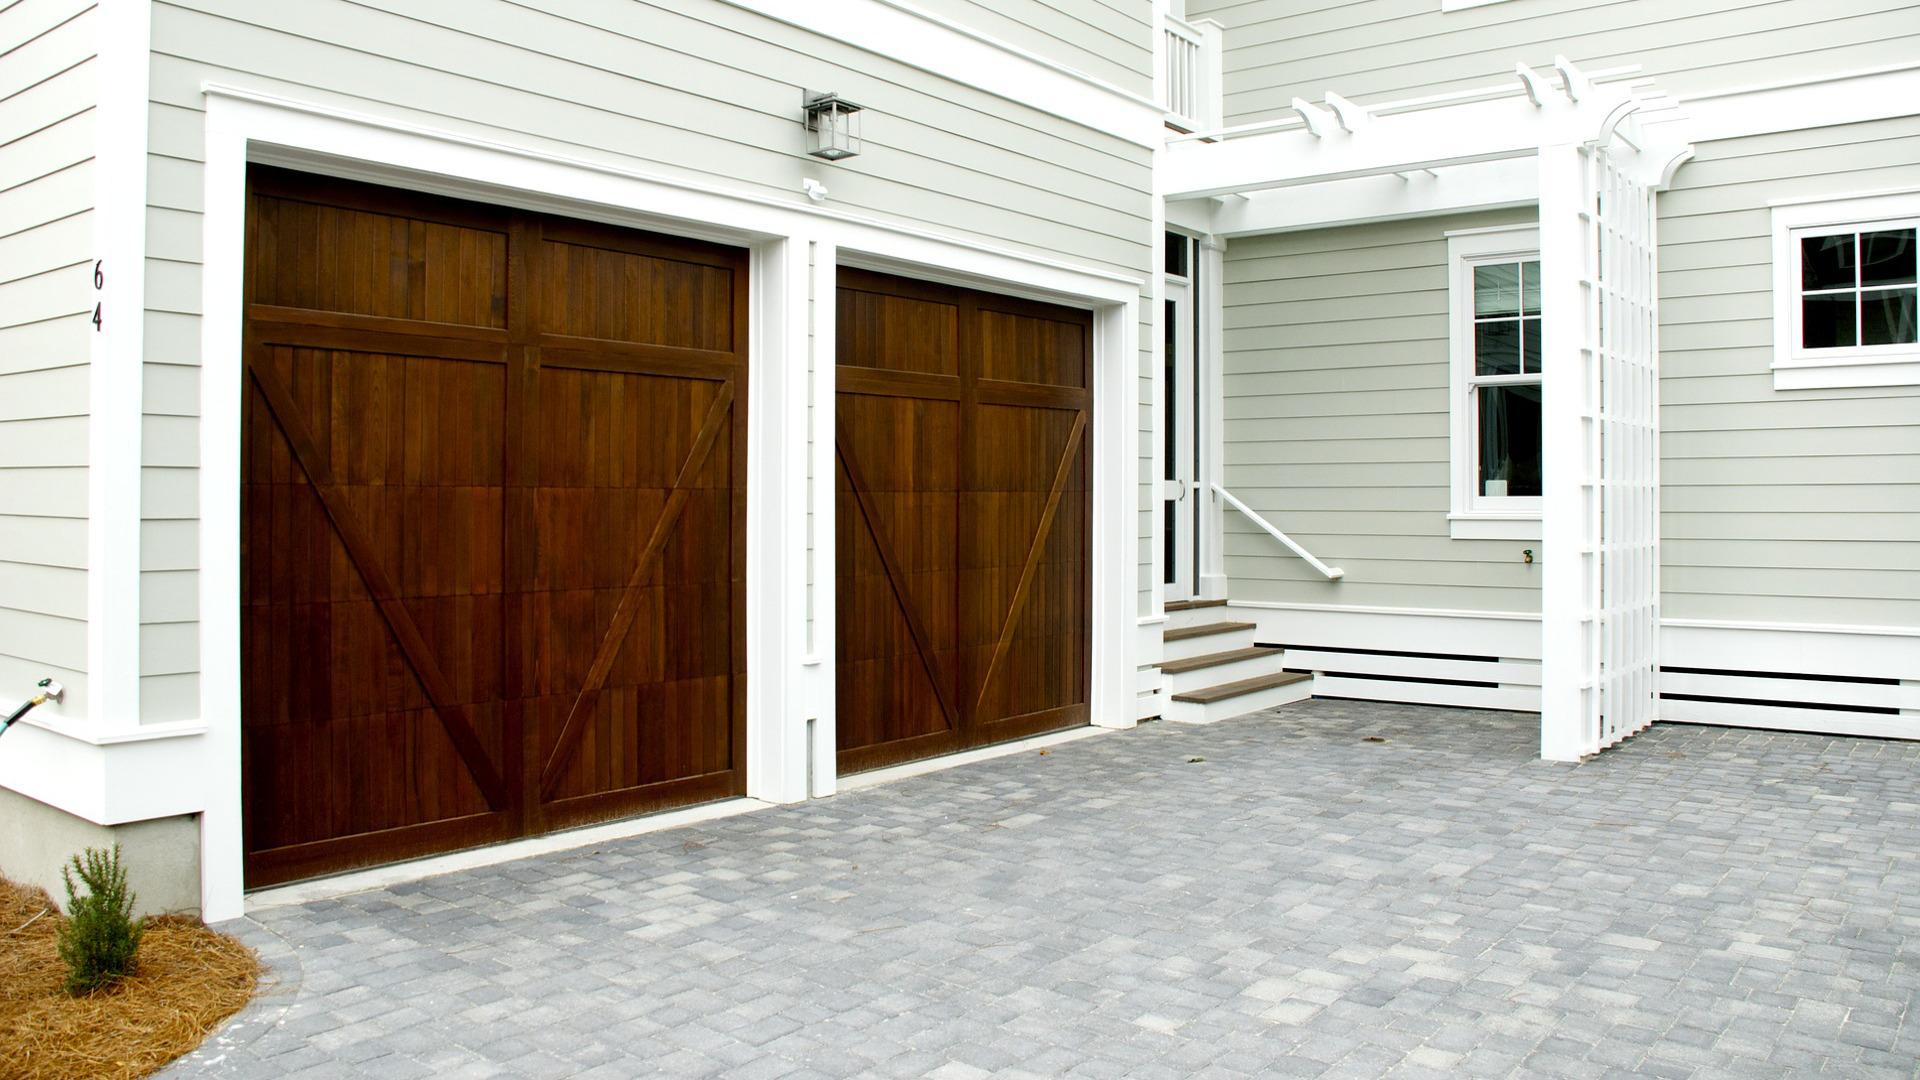 las-medidas-a-tomar-antes-de-elegir-una-puerta-de-garaje-1920